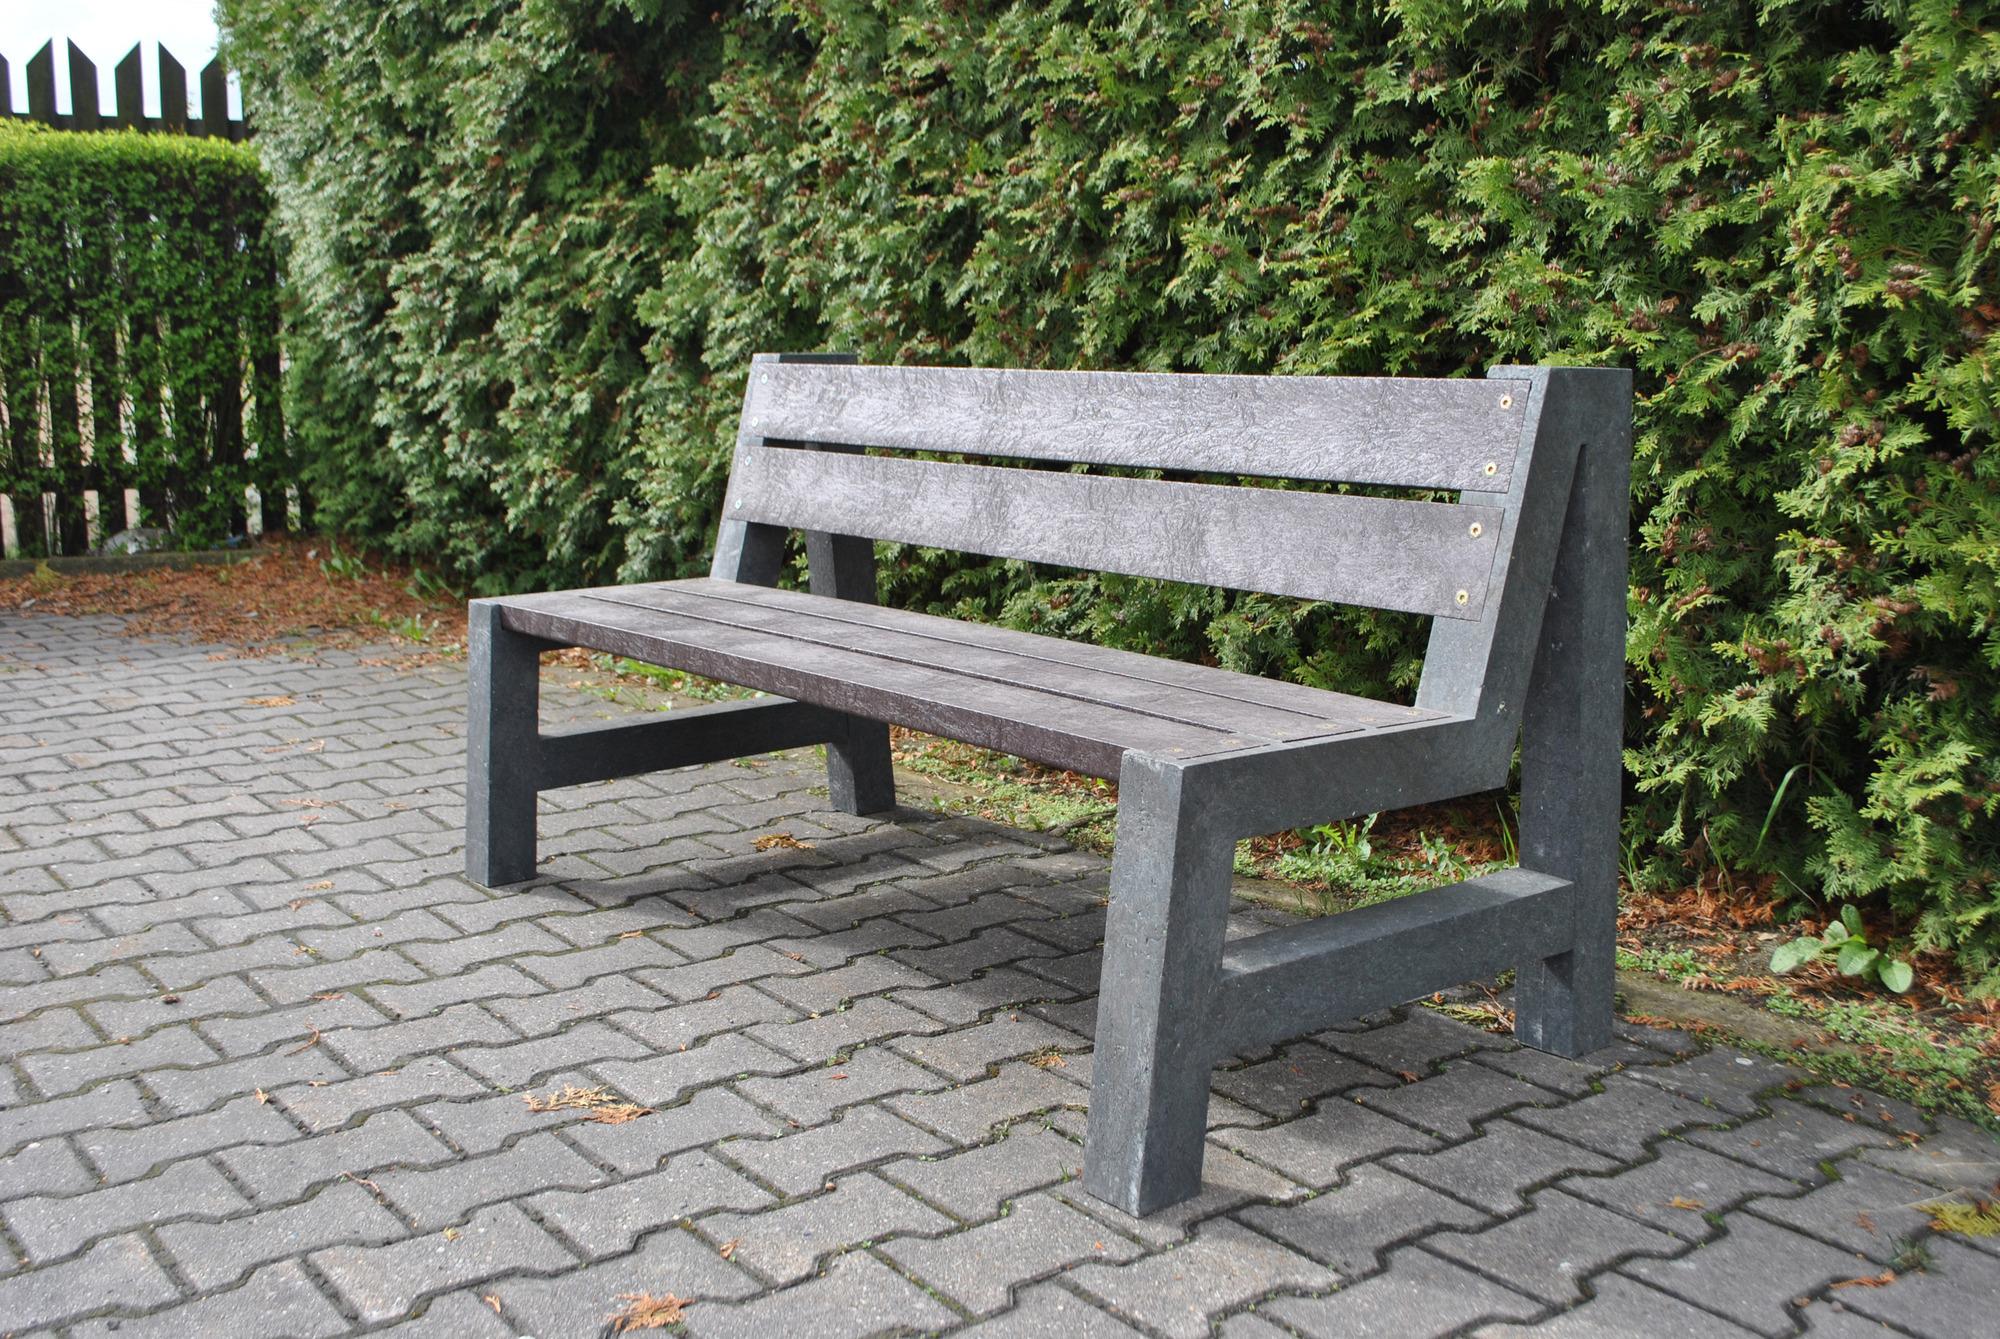 Sie Machen Die Draußenzeit Schöner Die Gartenbank Ist Wartungsfrei Und  Witterungsbeständig. Foto: Epr/Nie Mehr Streichen.de